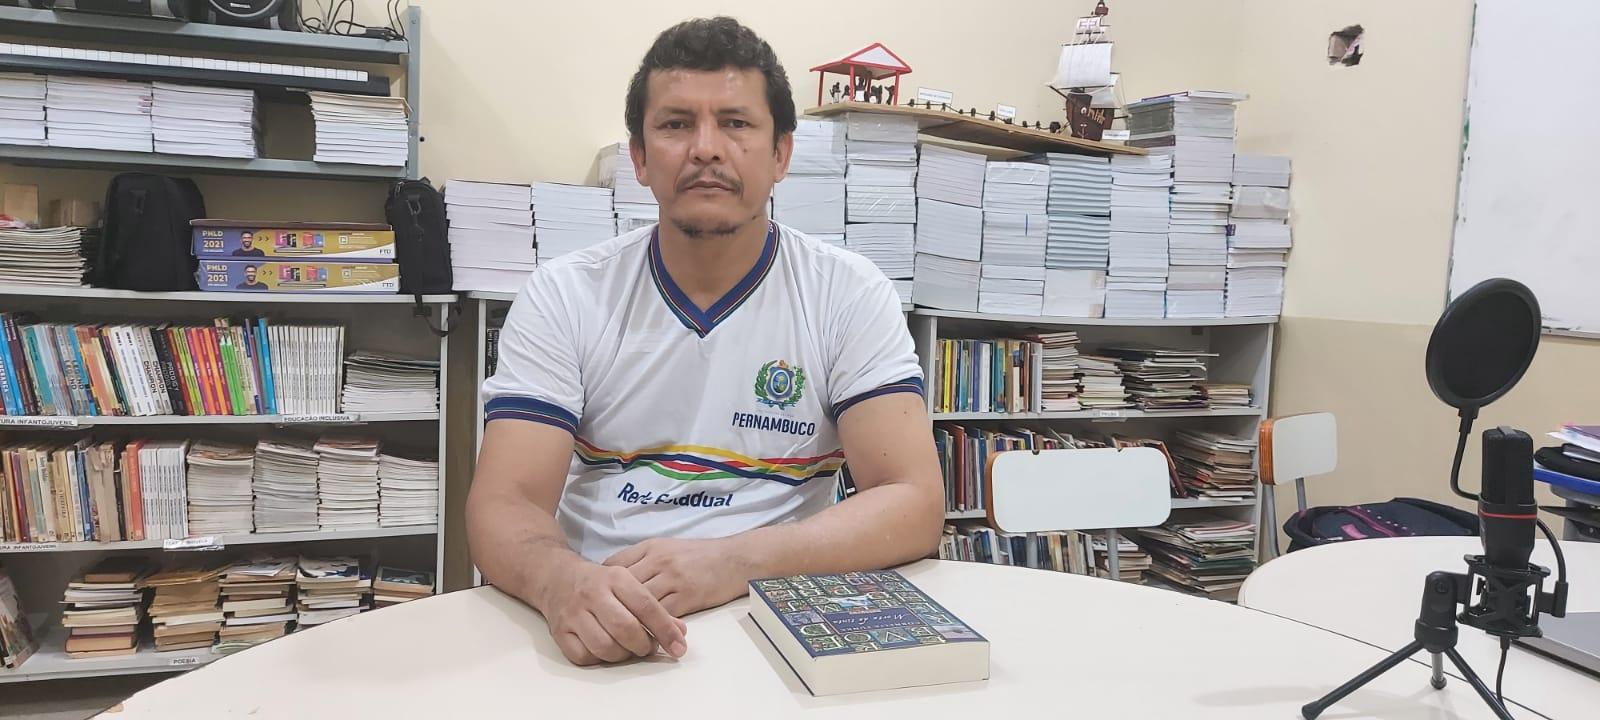 Paulo Afonso Romão, de 45 anos, ficou em 1º lugar no concurso de redação da DPU (Foto: Divulgação)